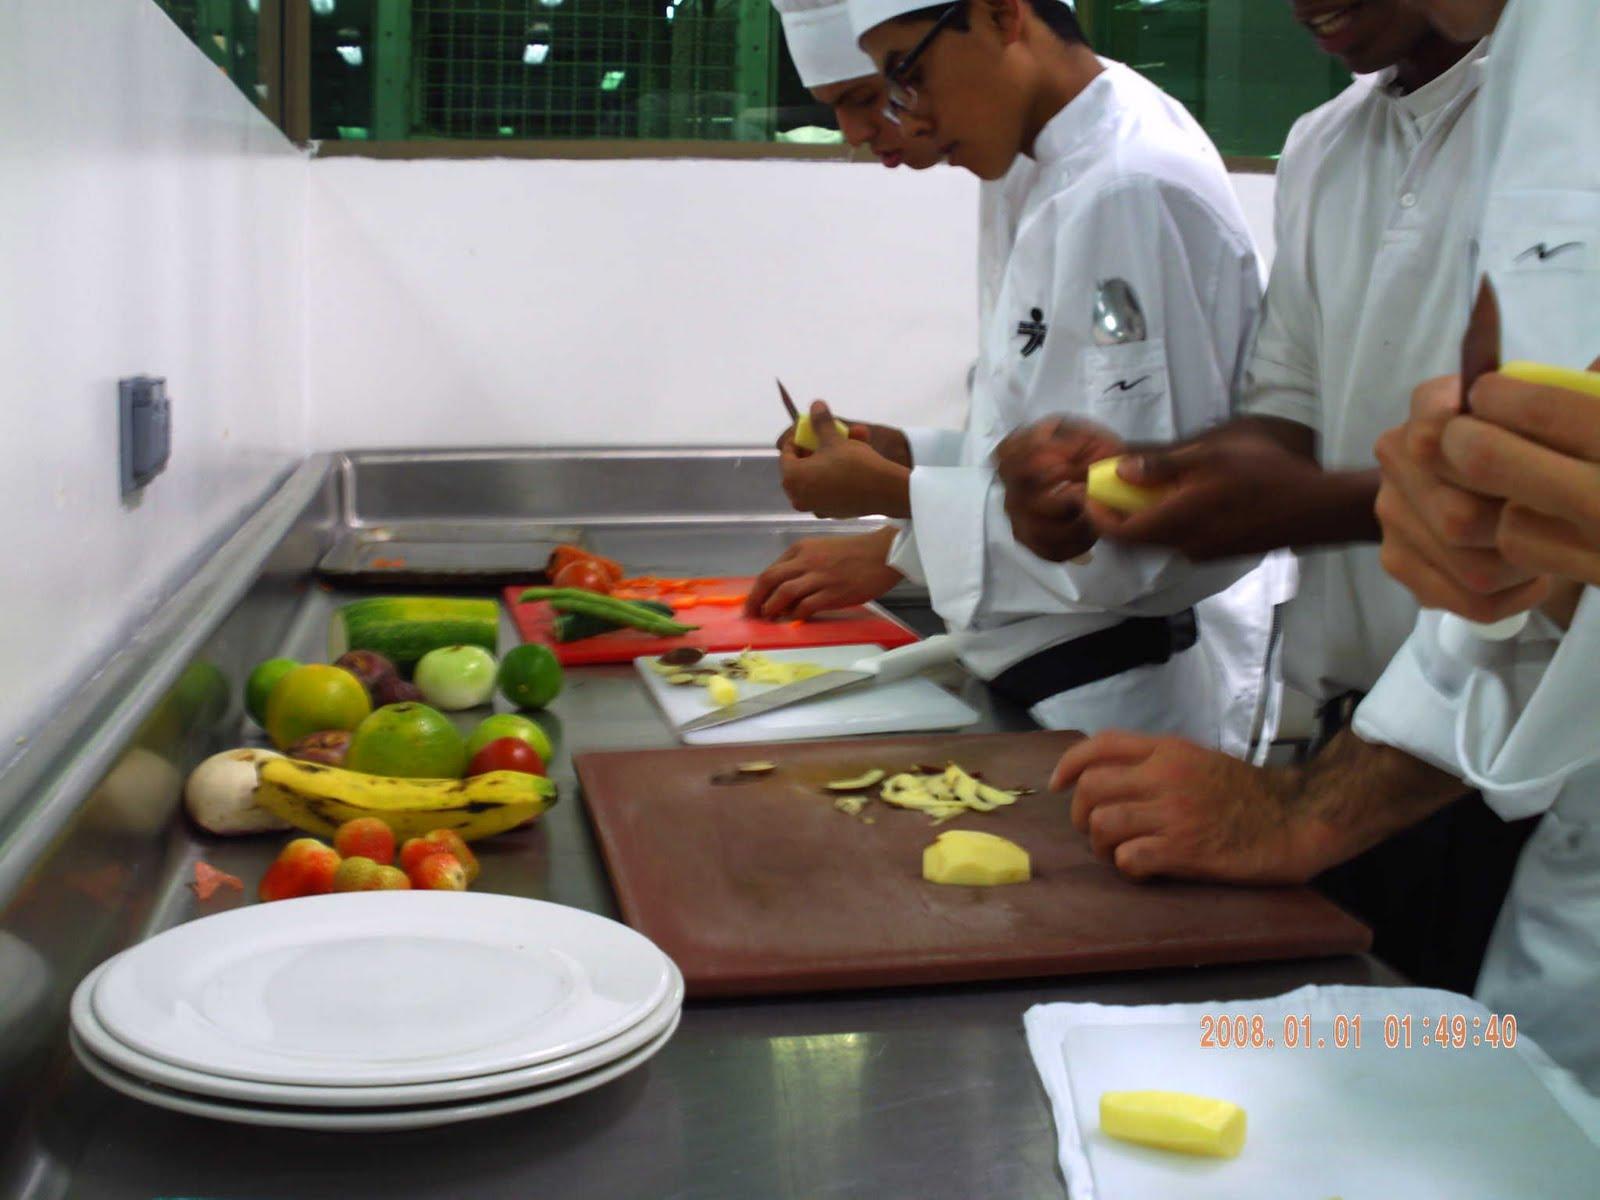 Tecnicos en cocina corte frutas y vegetales - Tecnico en cocina y gastronomia ...